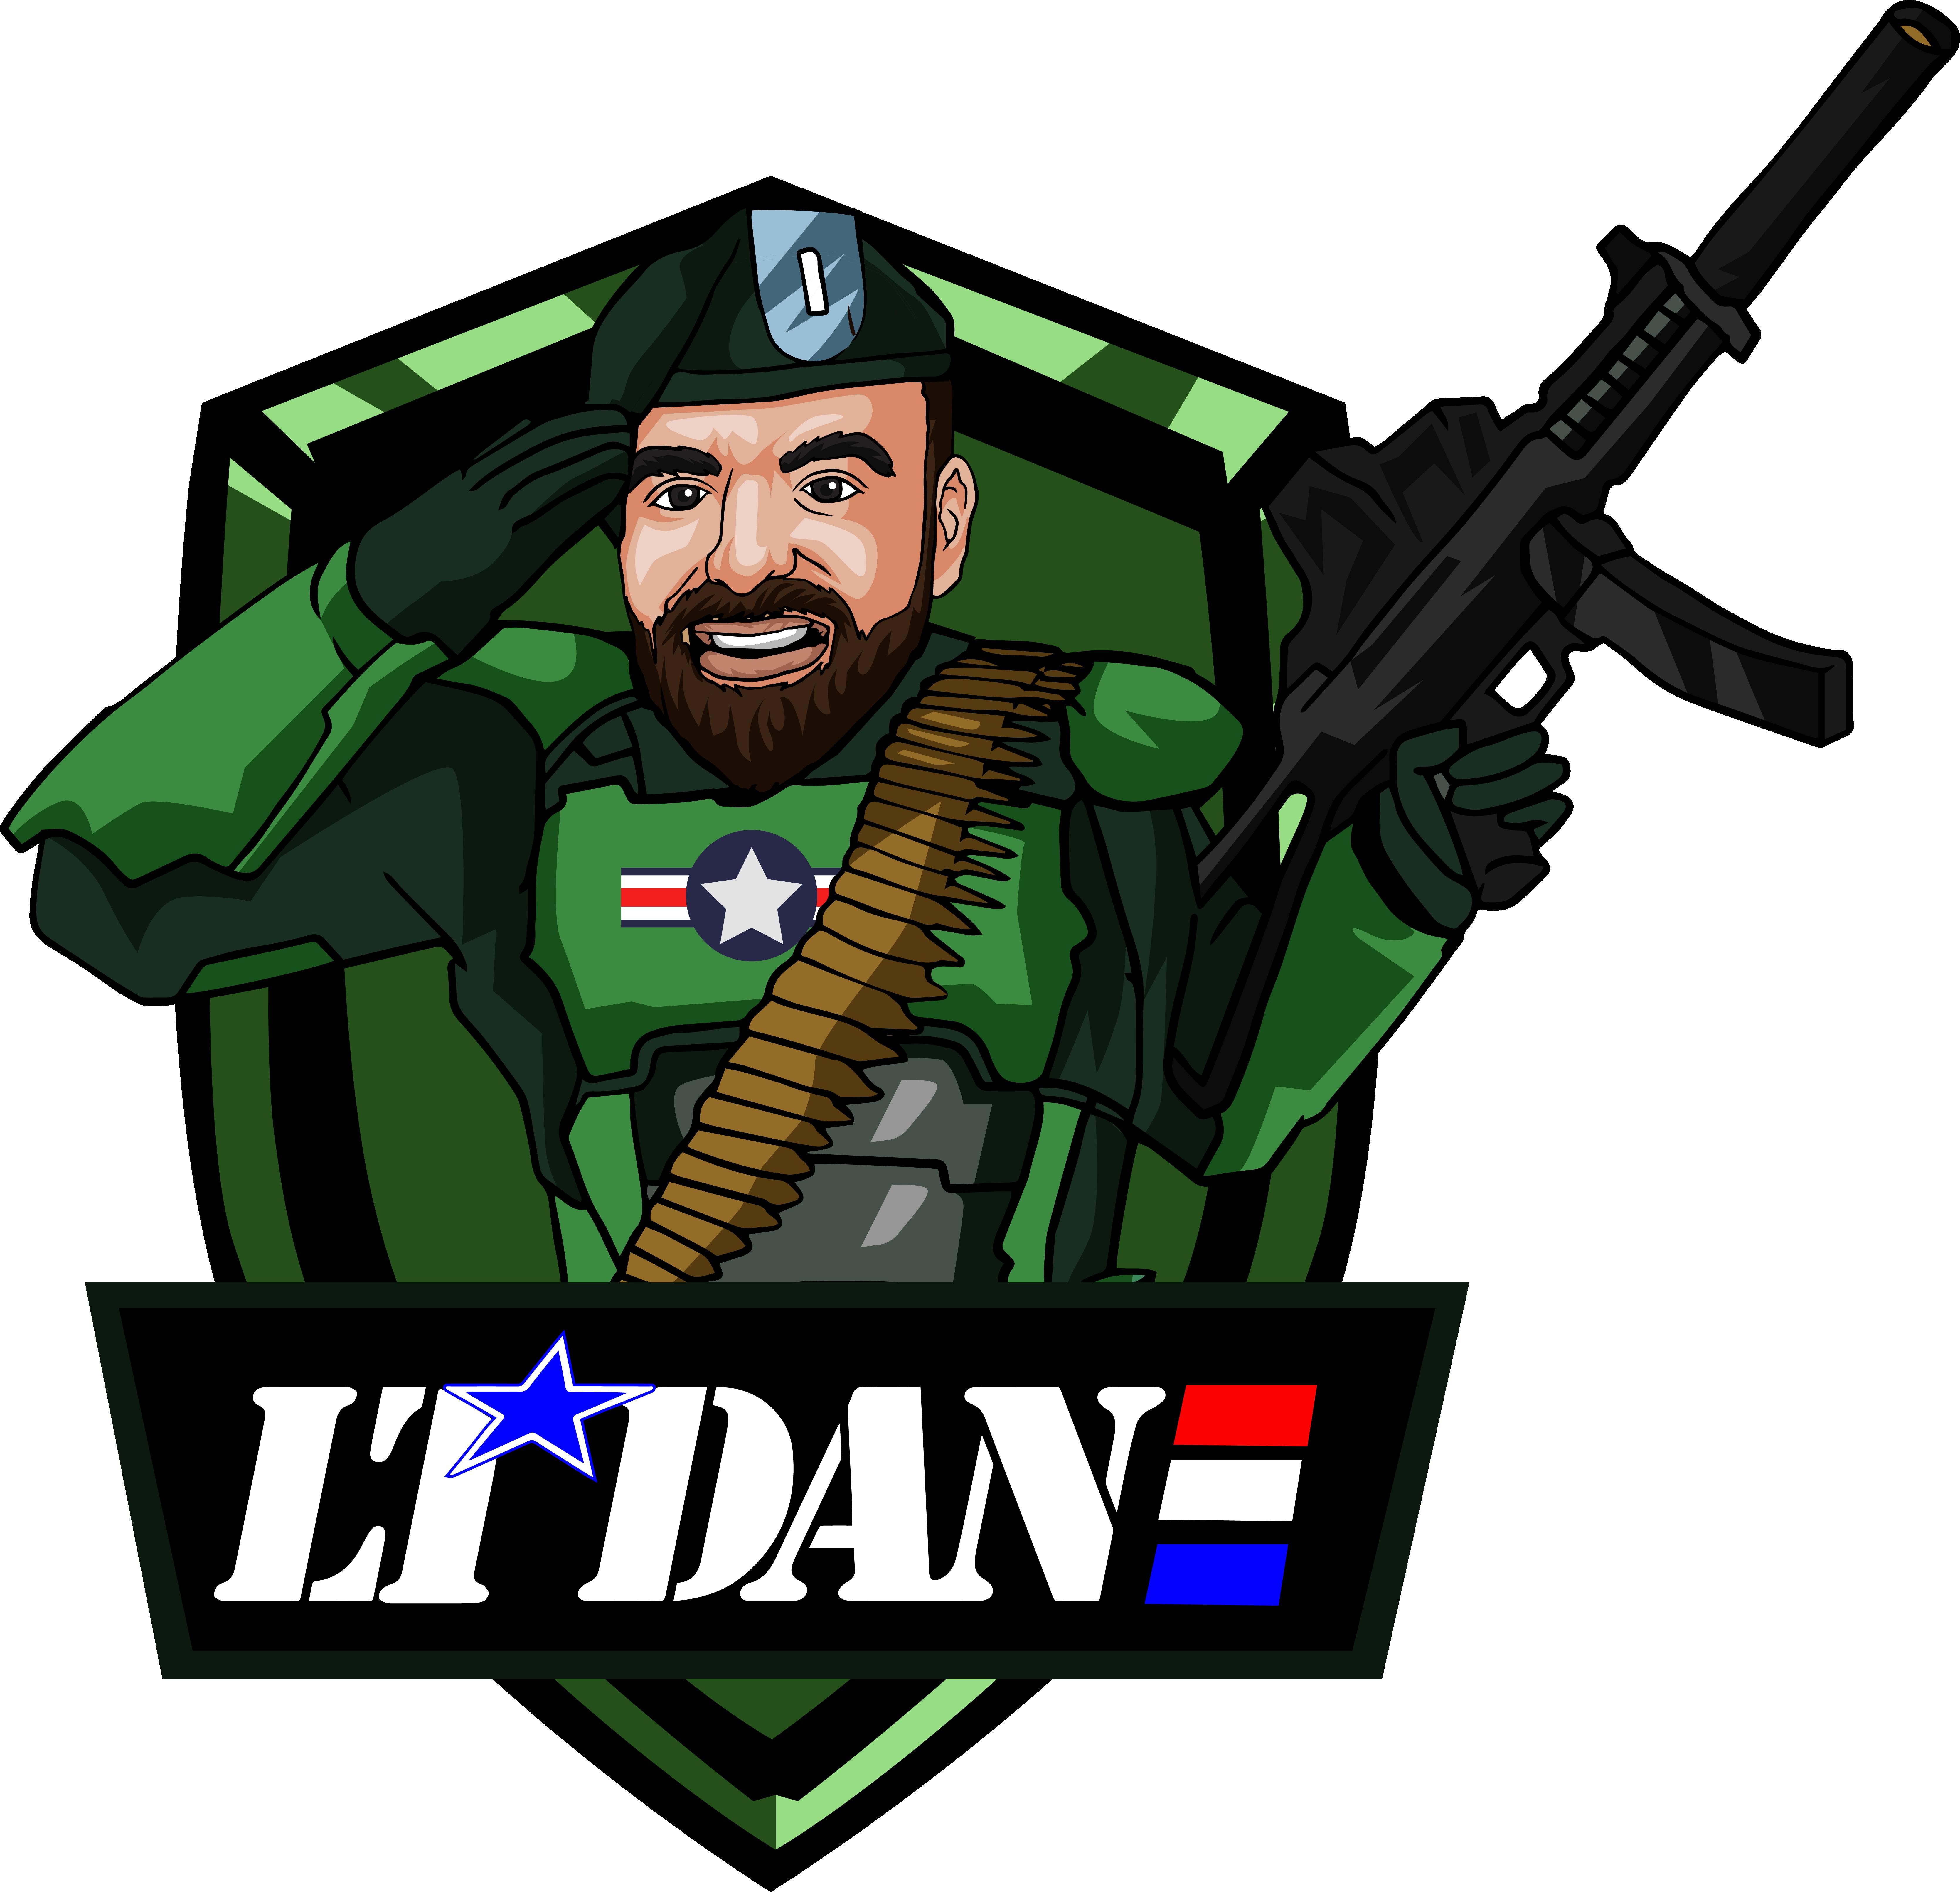 Lieutenant dan